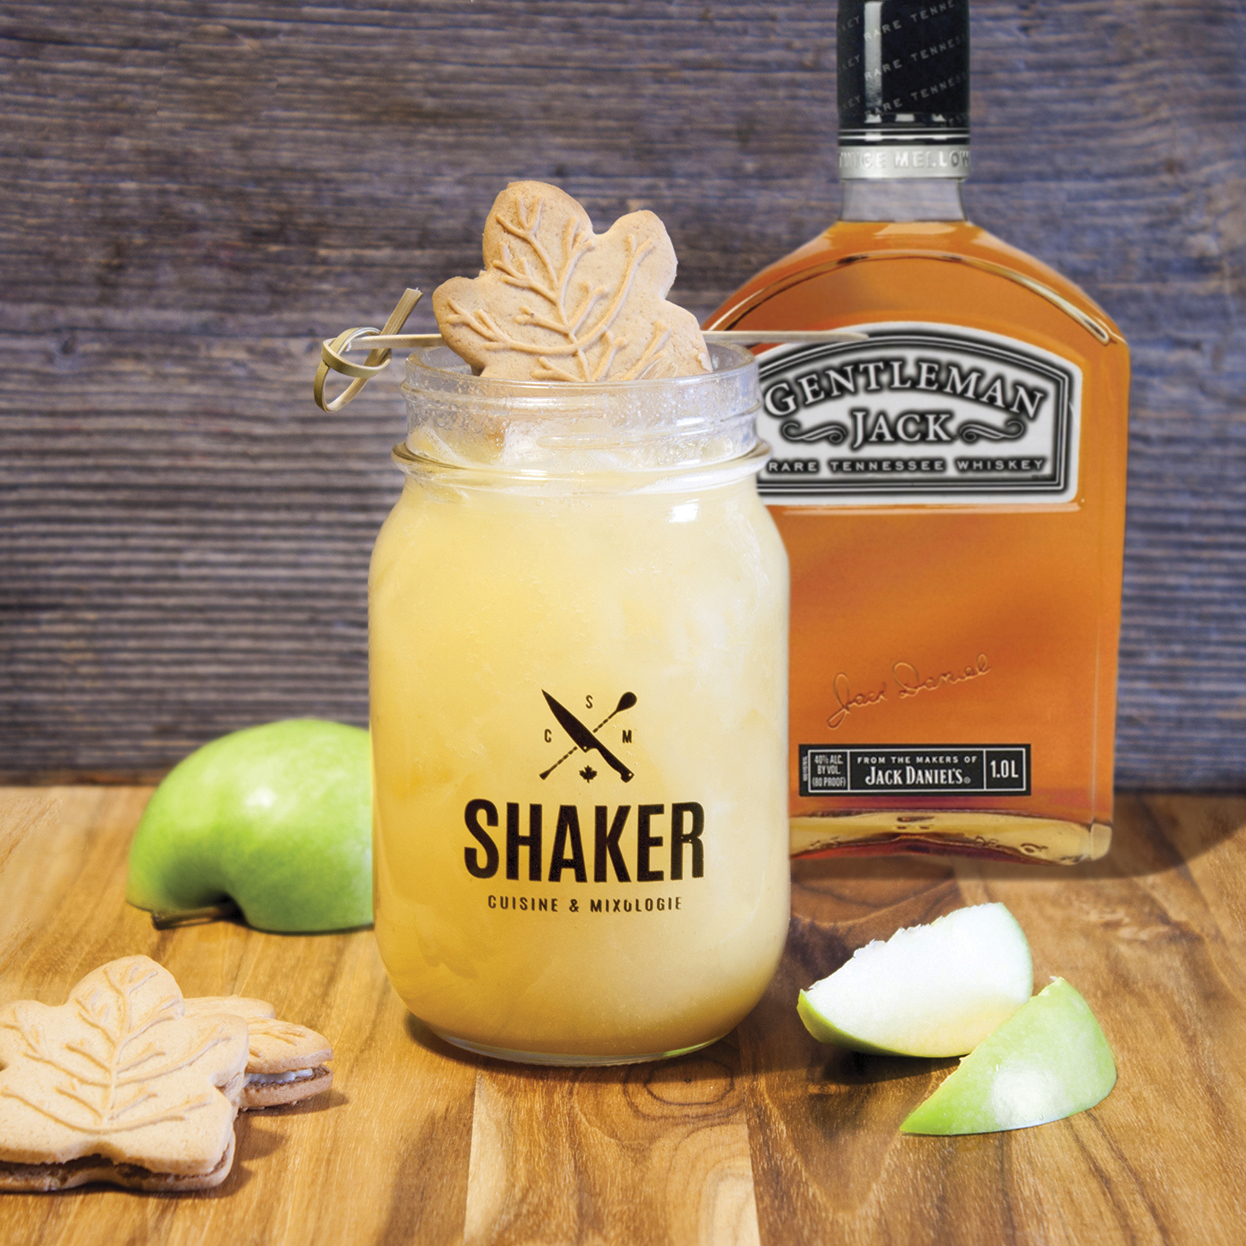 https://www.shakercuisineetmixologie.com/files/2019/03/Nouveau-cocktail-thématique-Le-Gentleman-Jack-à-la-cabane.jpg